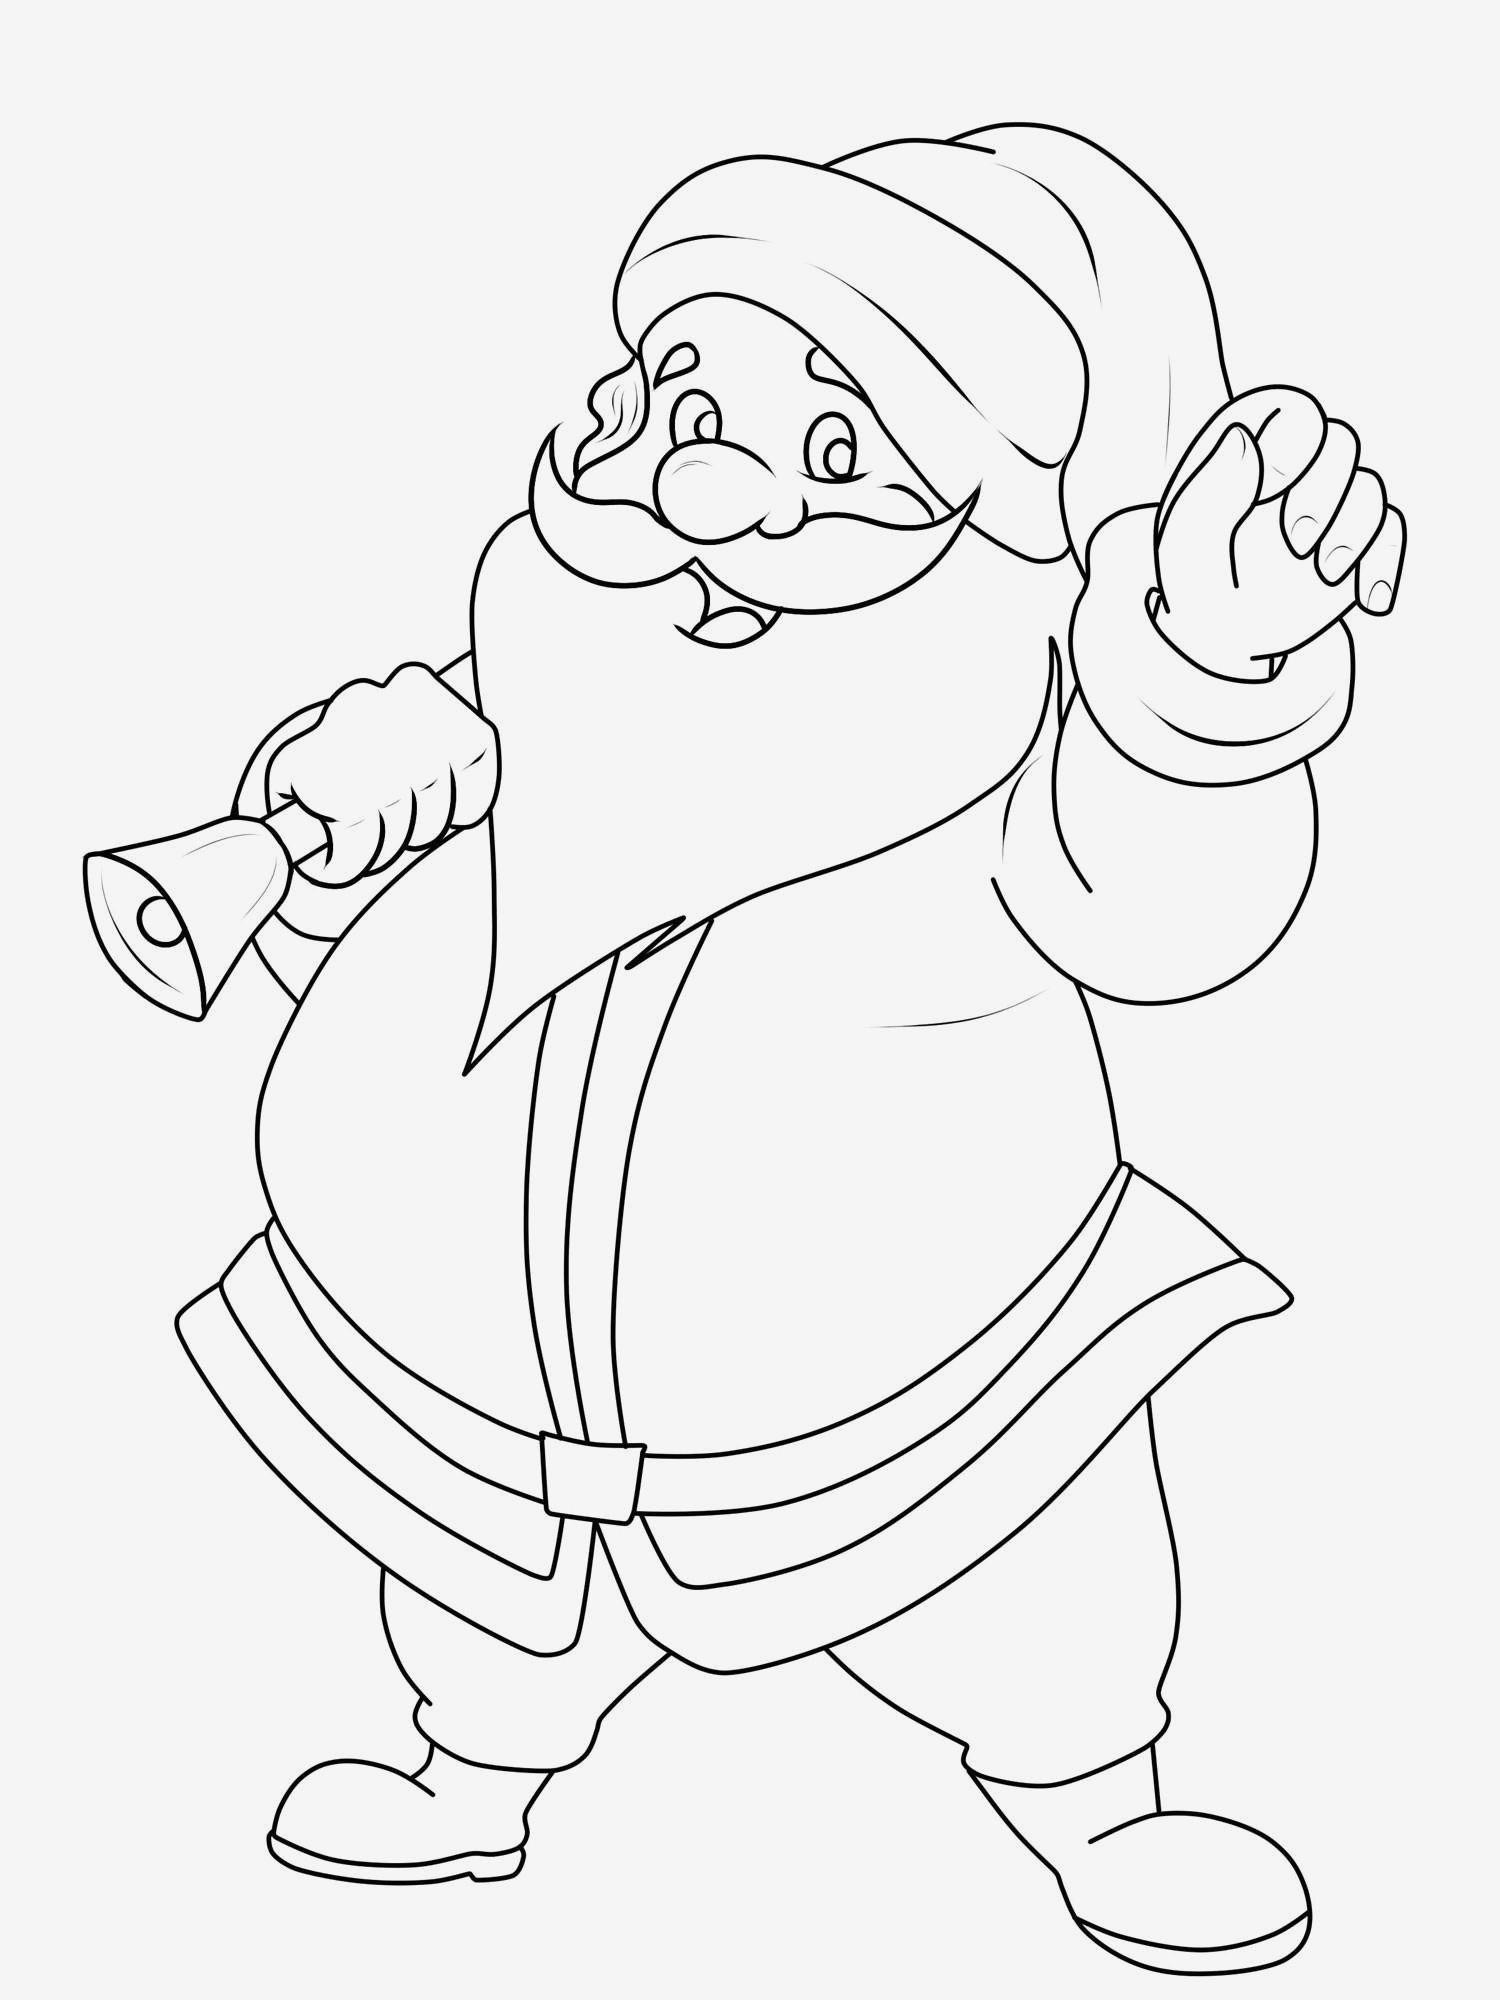 Weihnachtsmann Zum Ausmalen – Ausmalbildpilz für Weihnachtsmann Zum Ausmalen